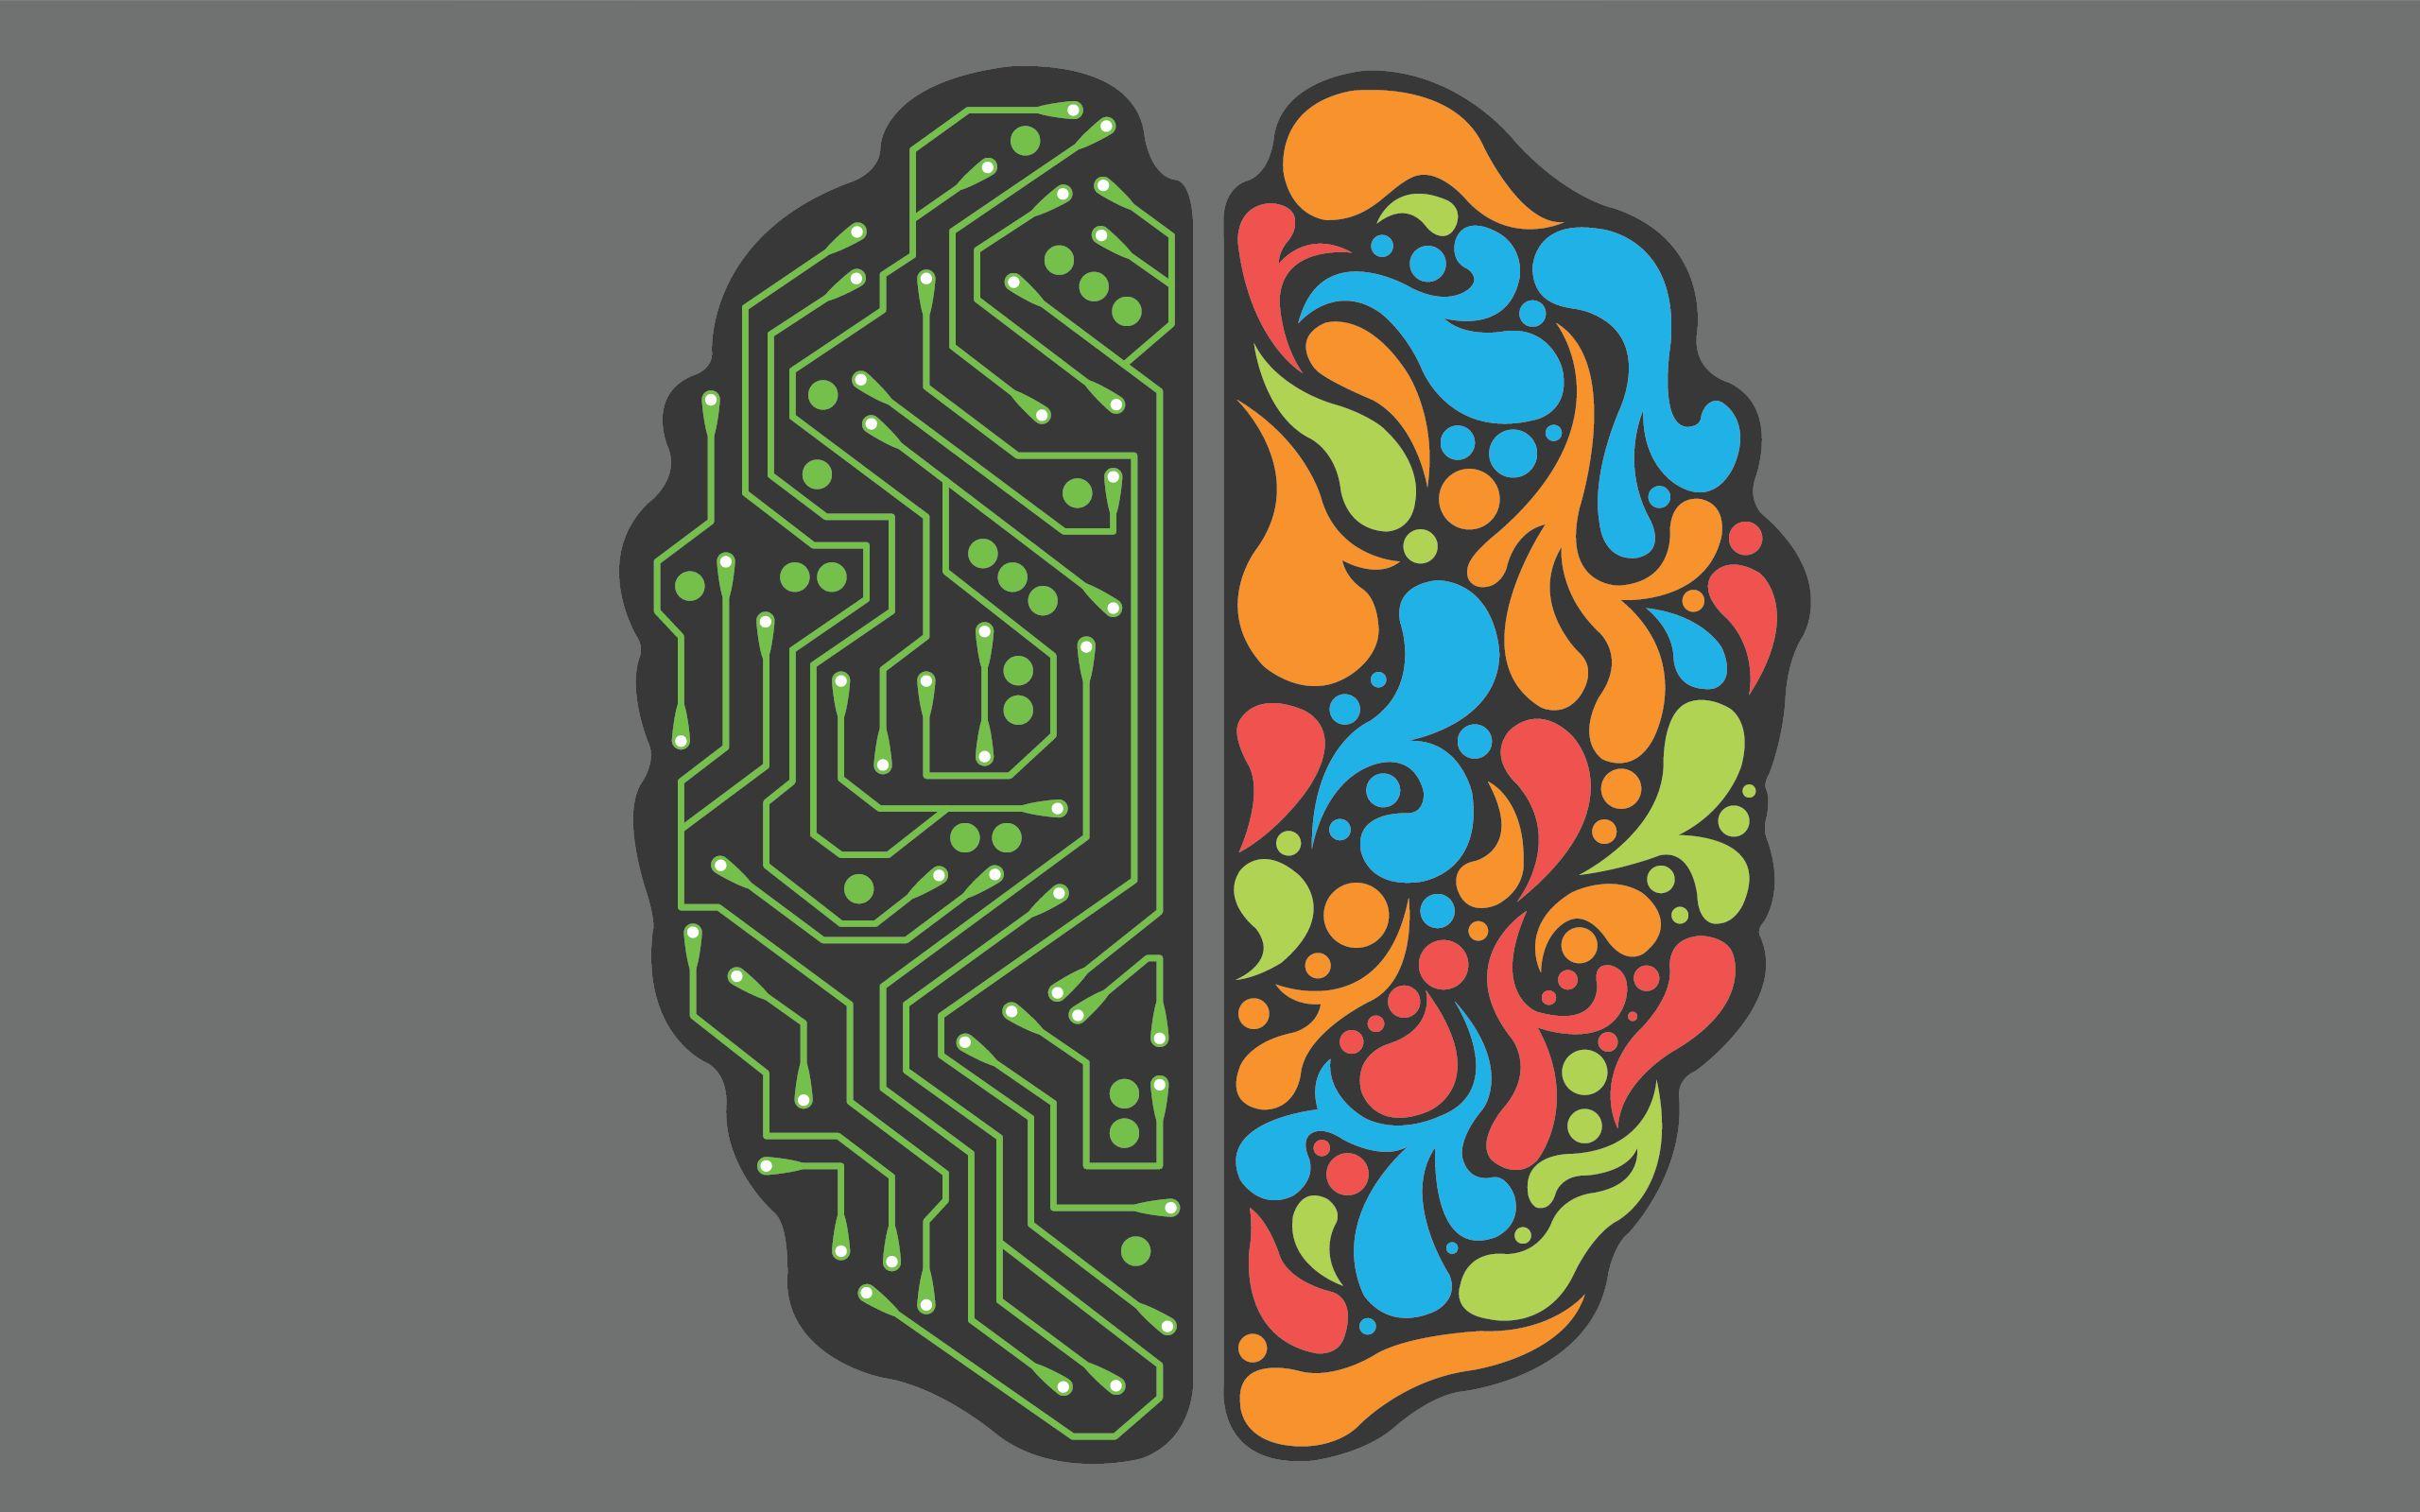 Миф о разделении мозга на работу полушарий развенчан